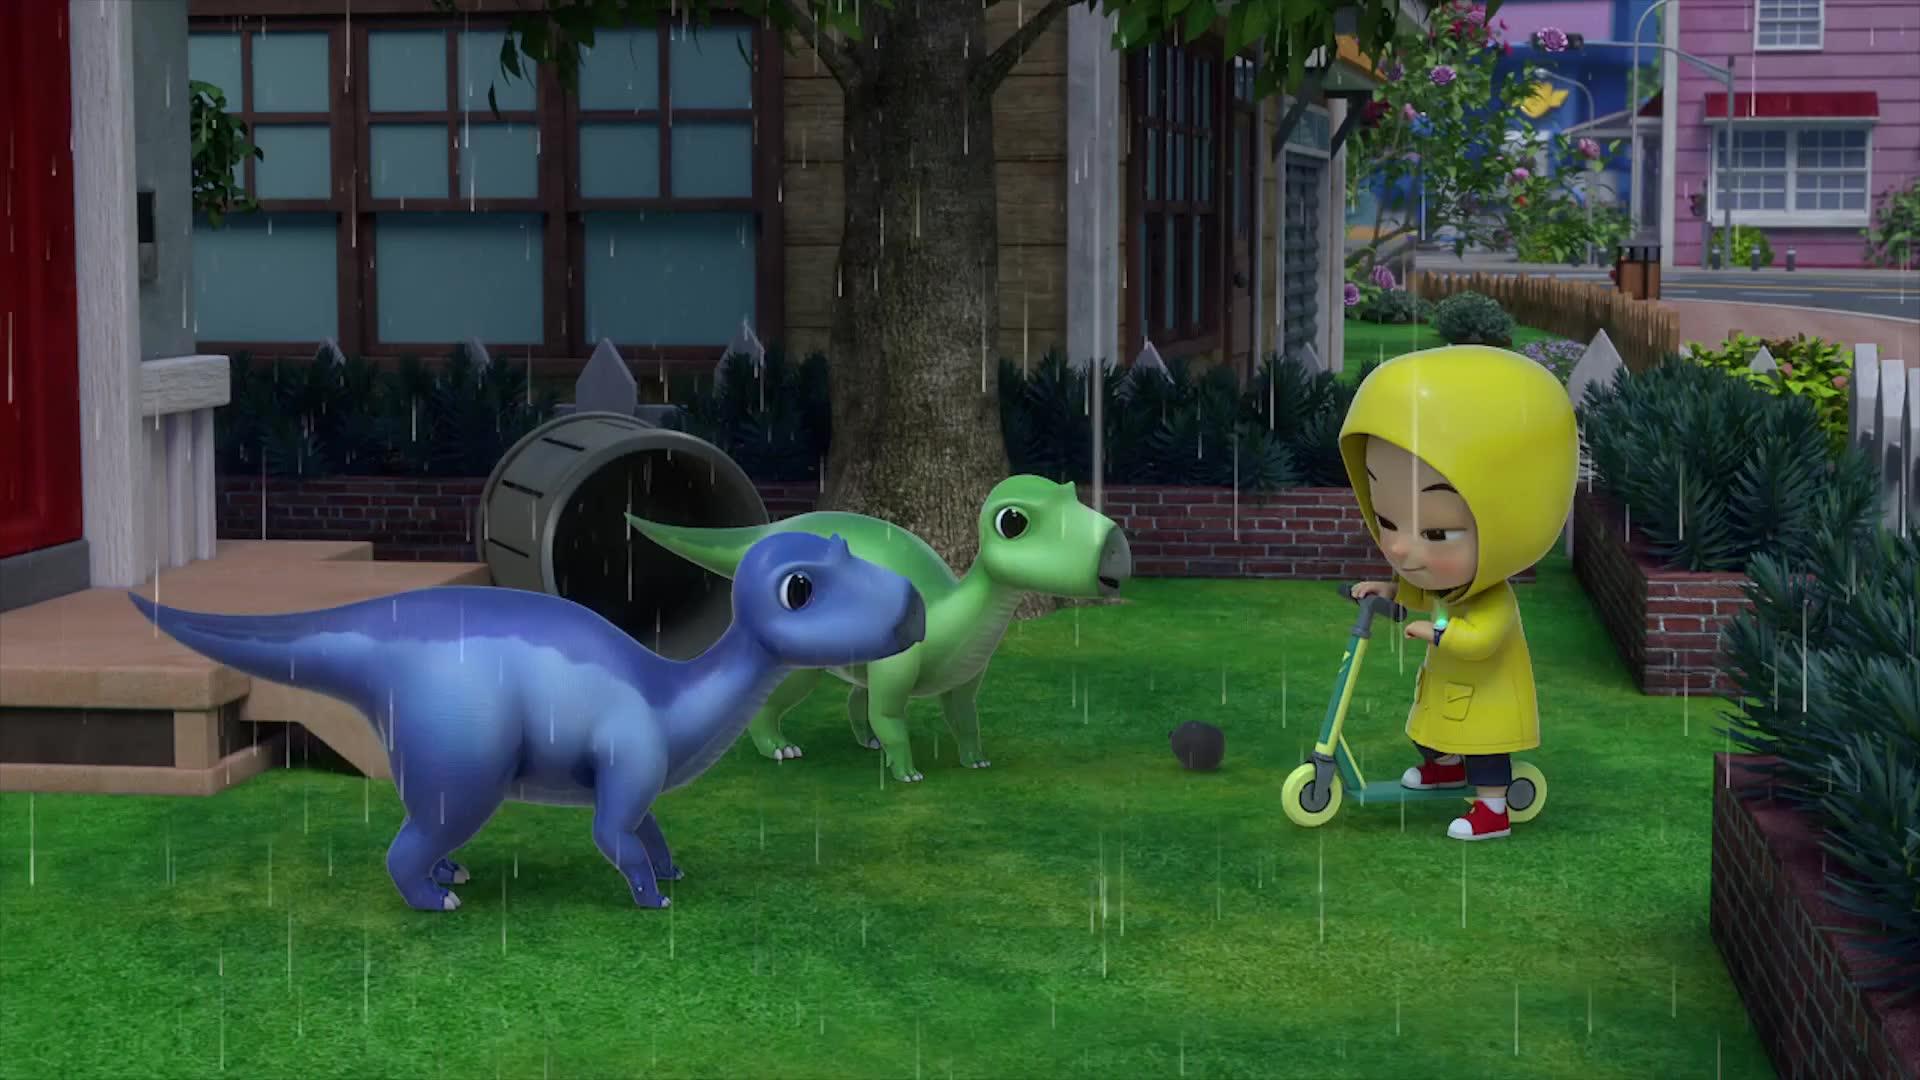 2화 아기 공룡 돌보기는 힘들어